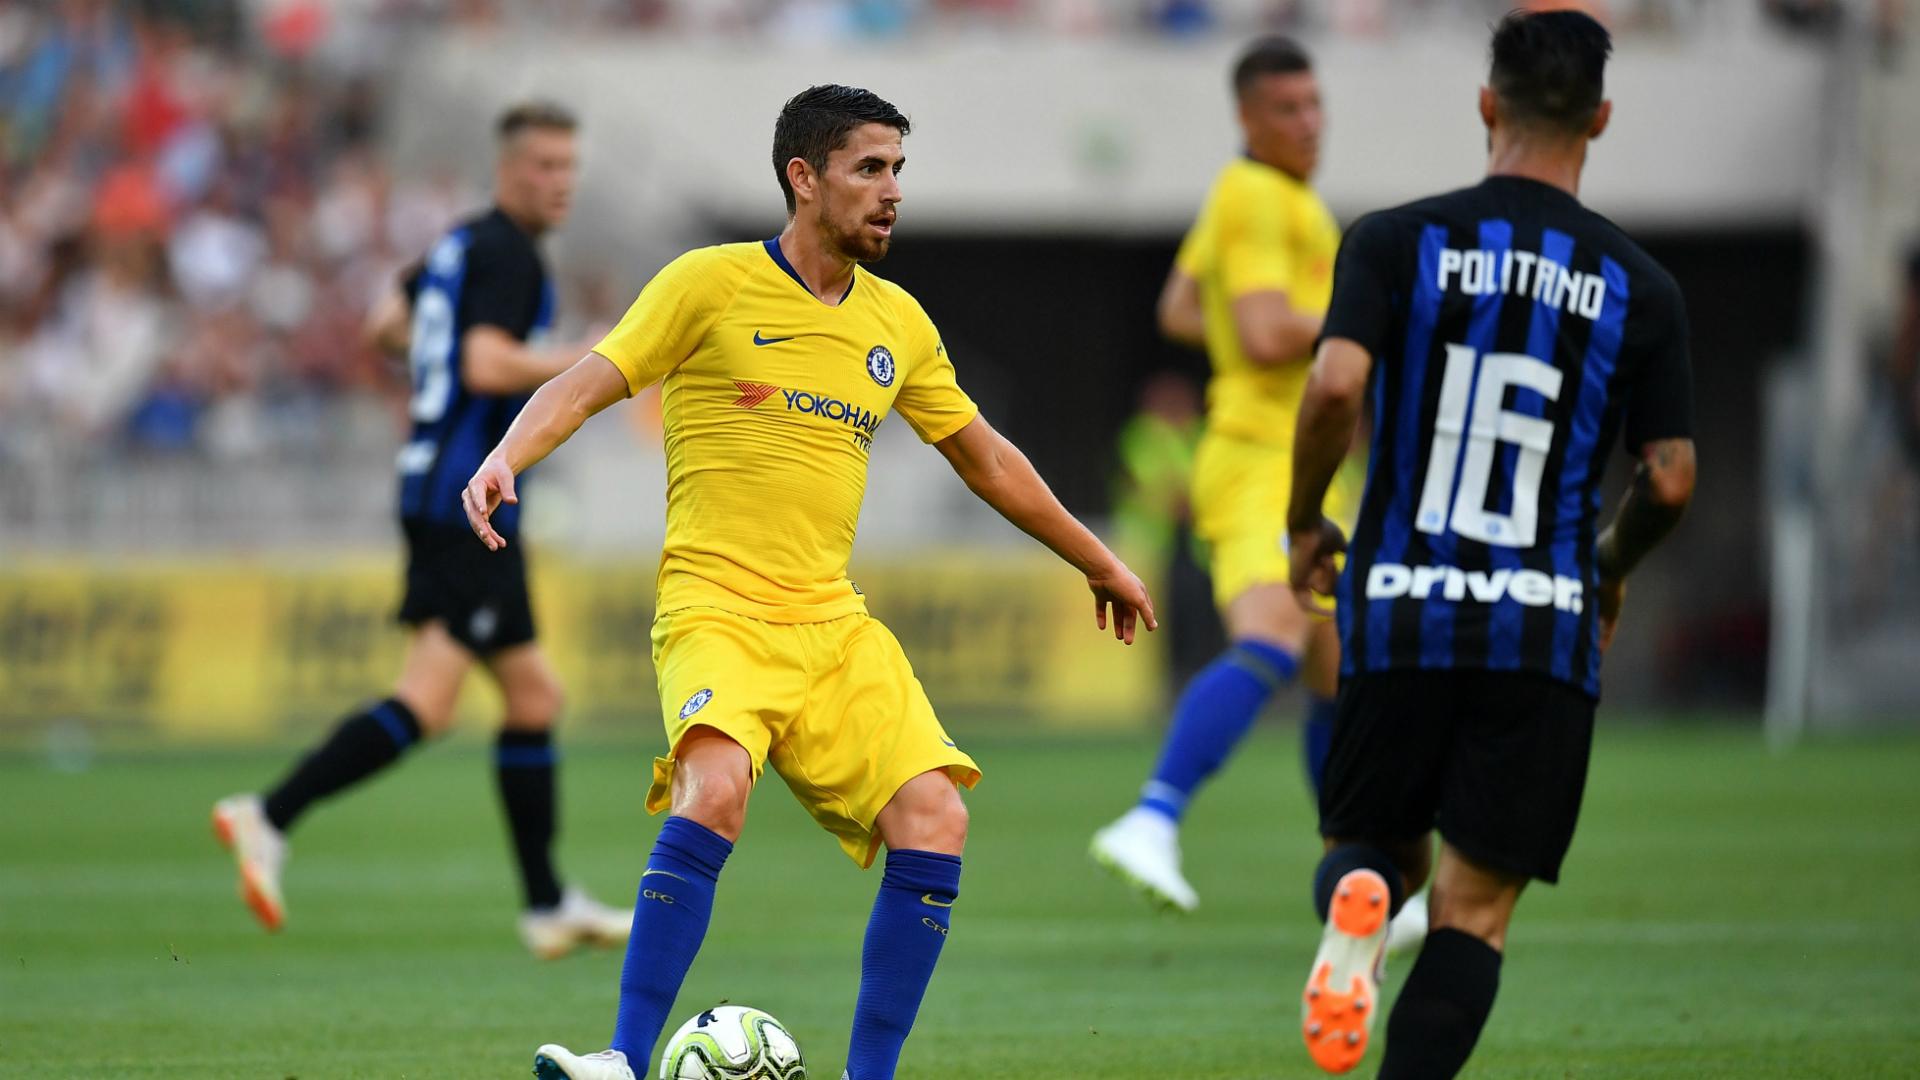 Jorginho Matteo Politano Chelsea Inter ICC Cup